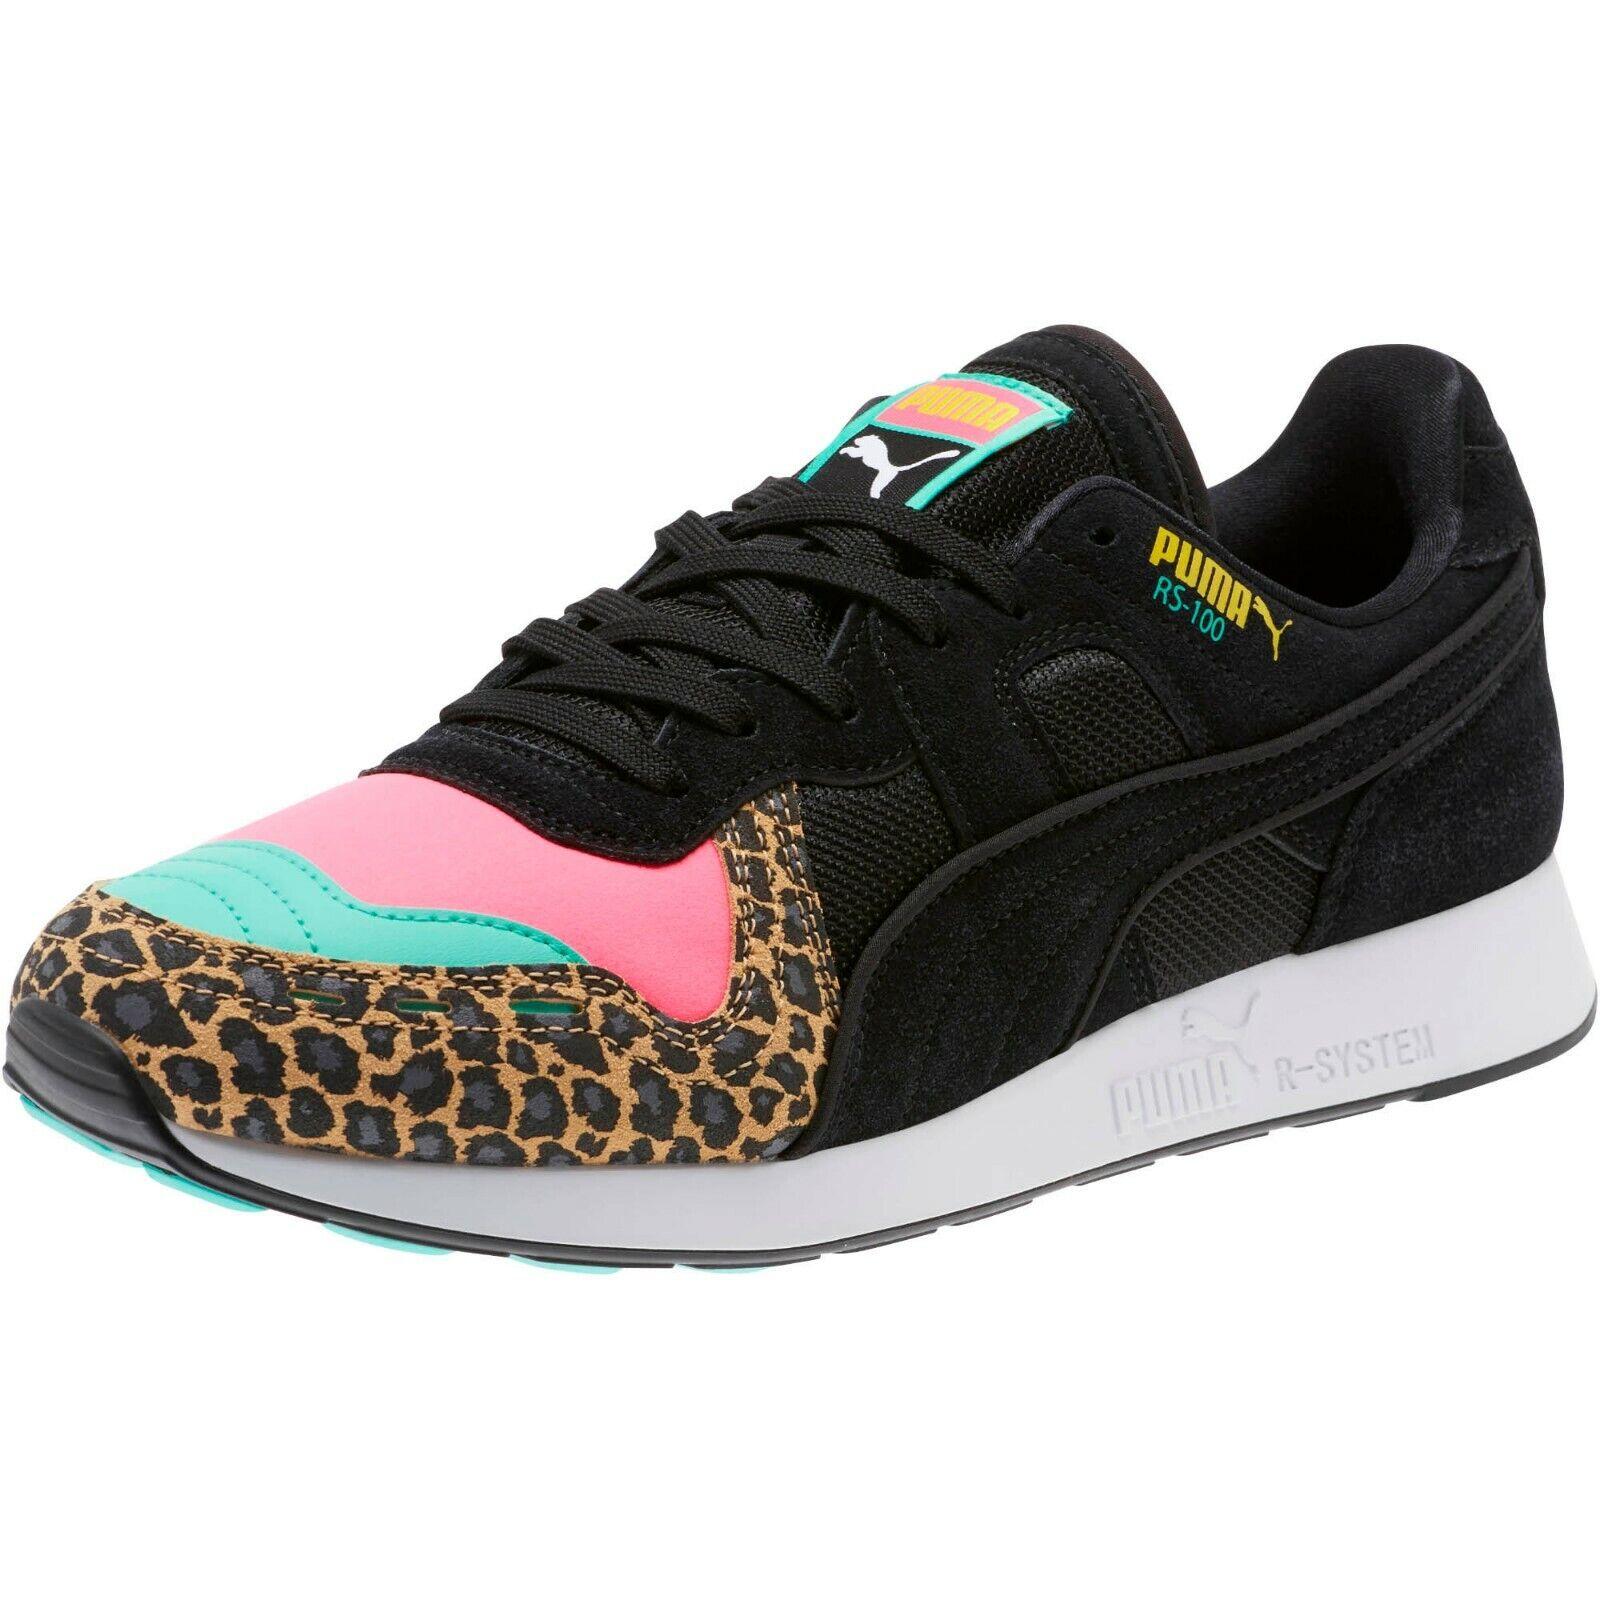 Puma Men's RS-100 PARTY CHEETAH shoes KNOCKOUT Pink Puma Black 368293-01 d